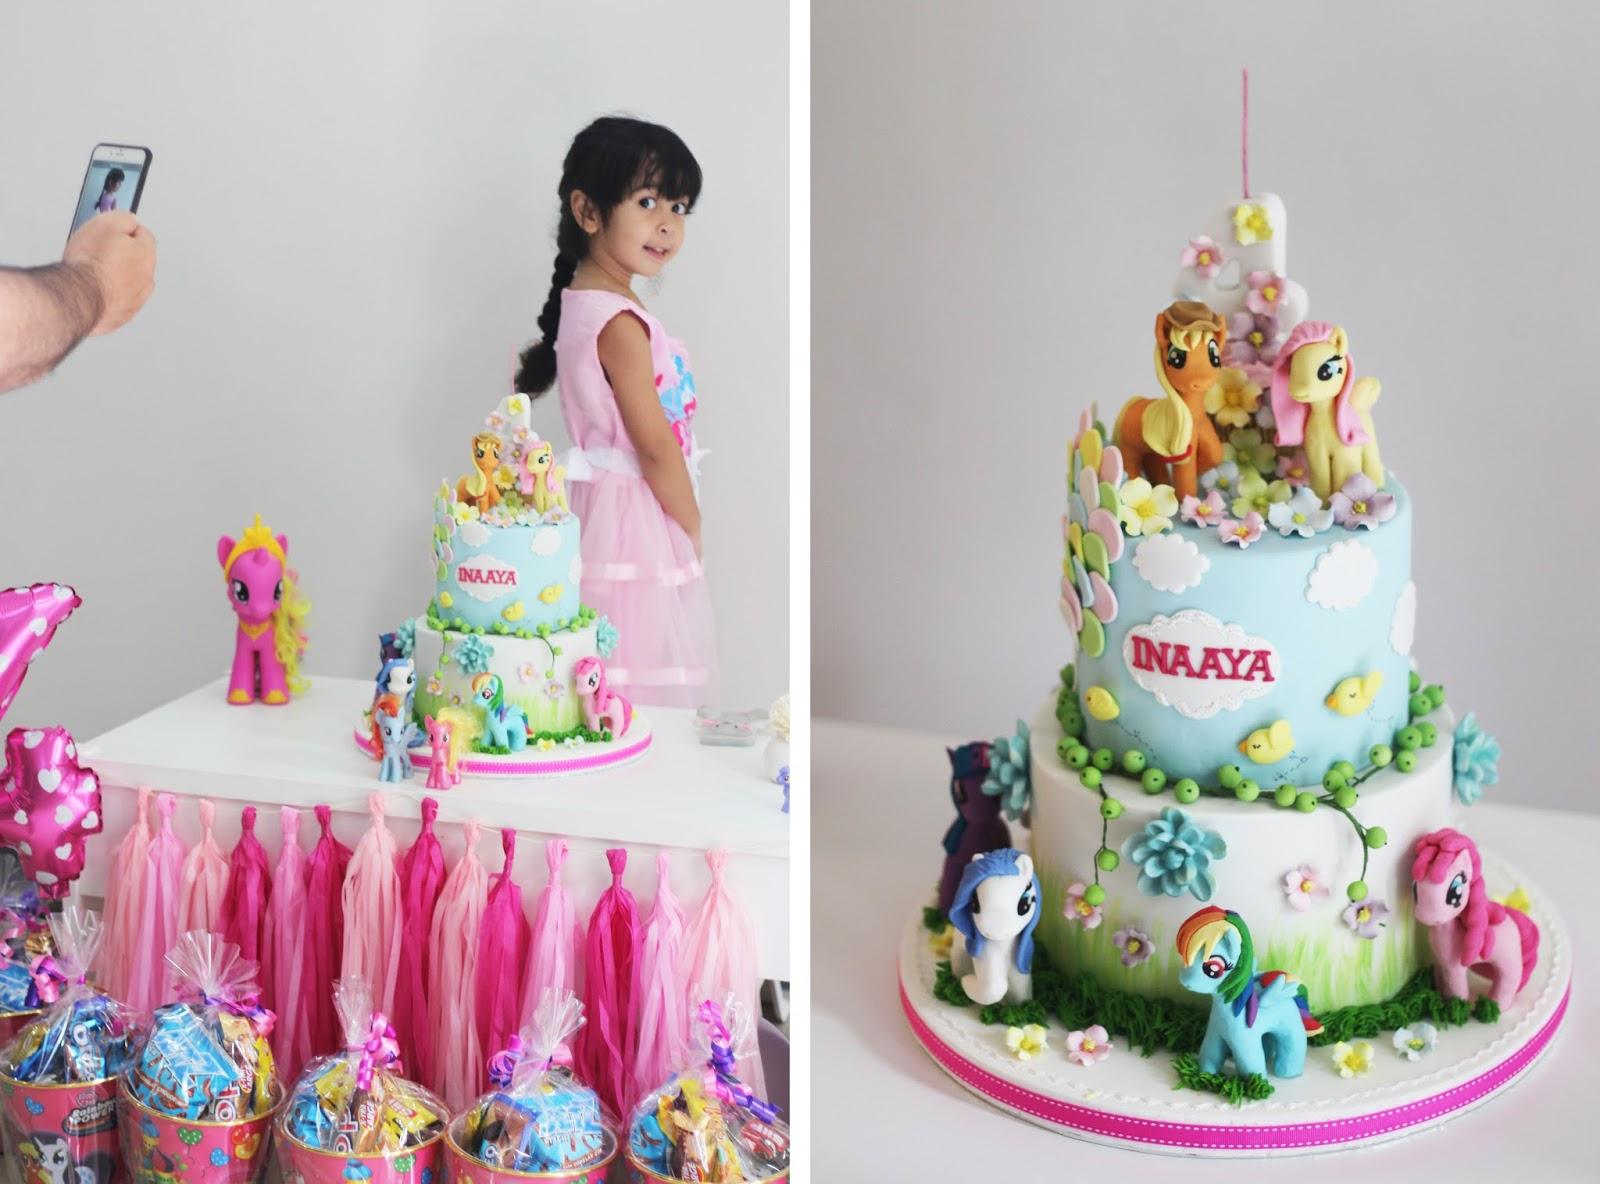 Happy 4th Birthday Inaaya My Little Pony Theme Family